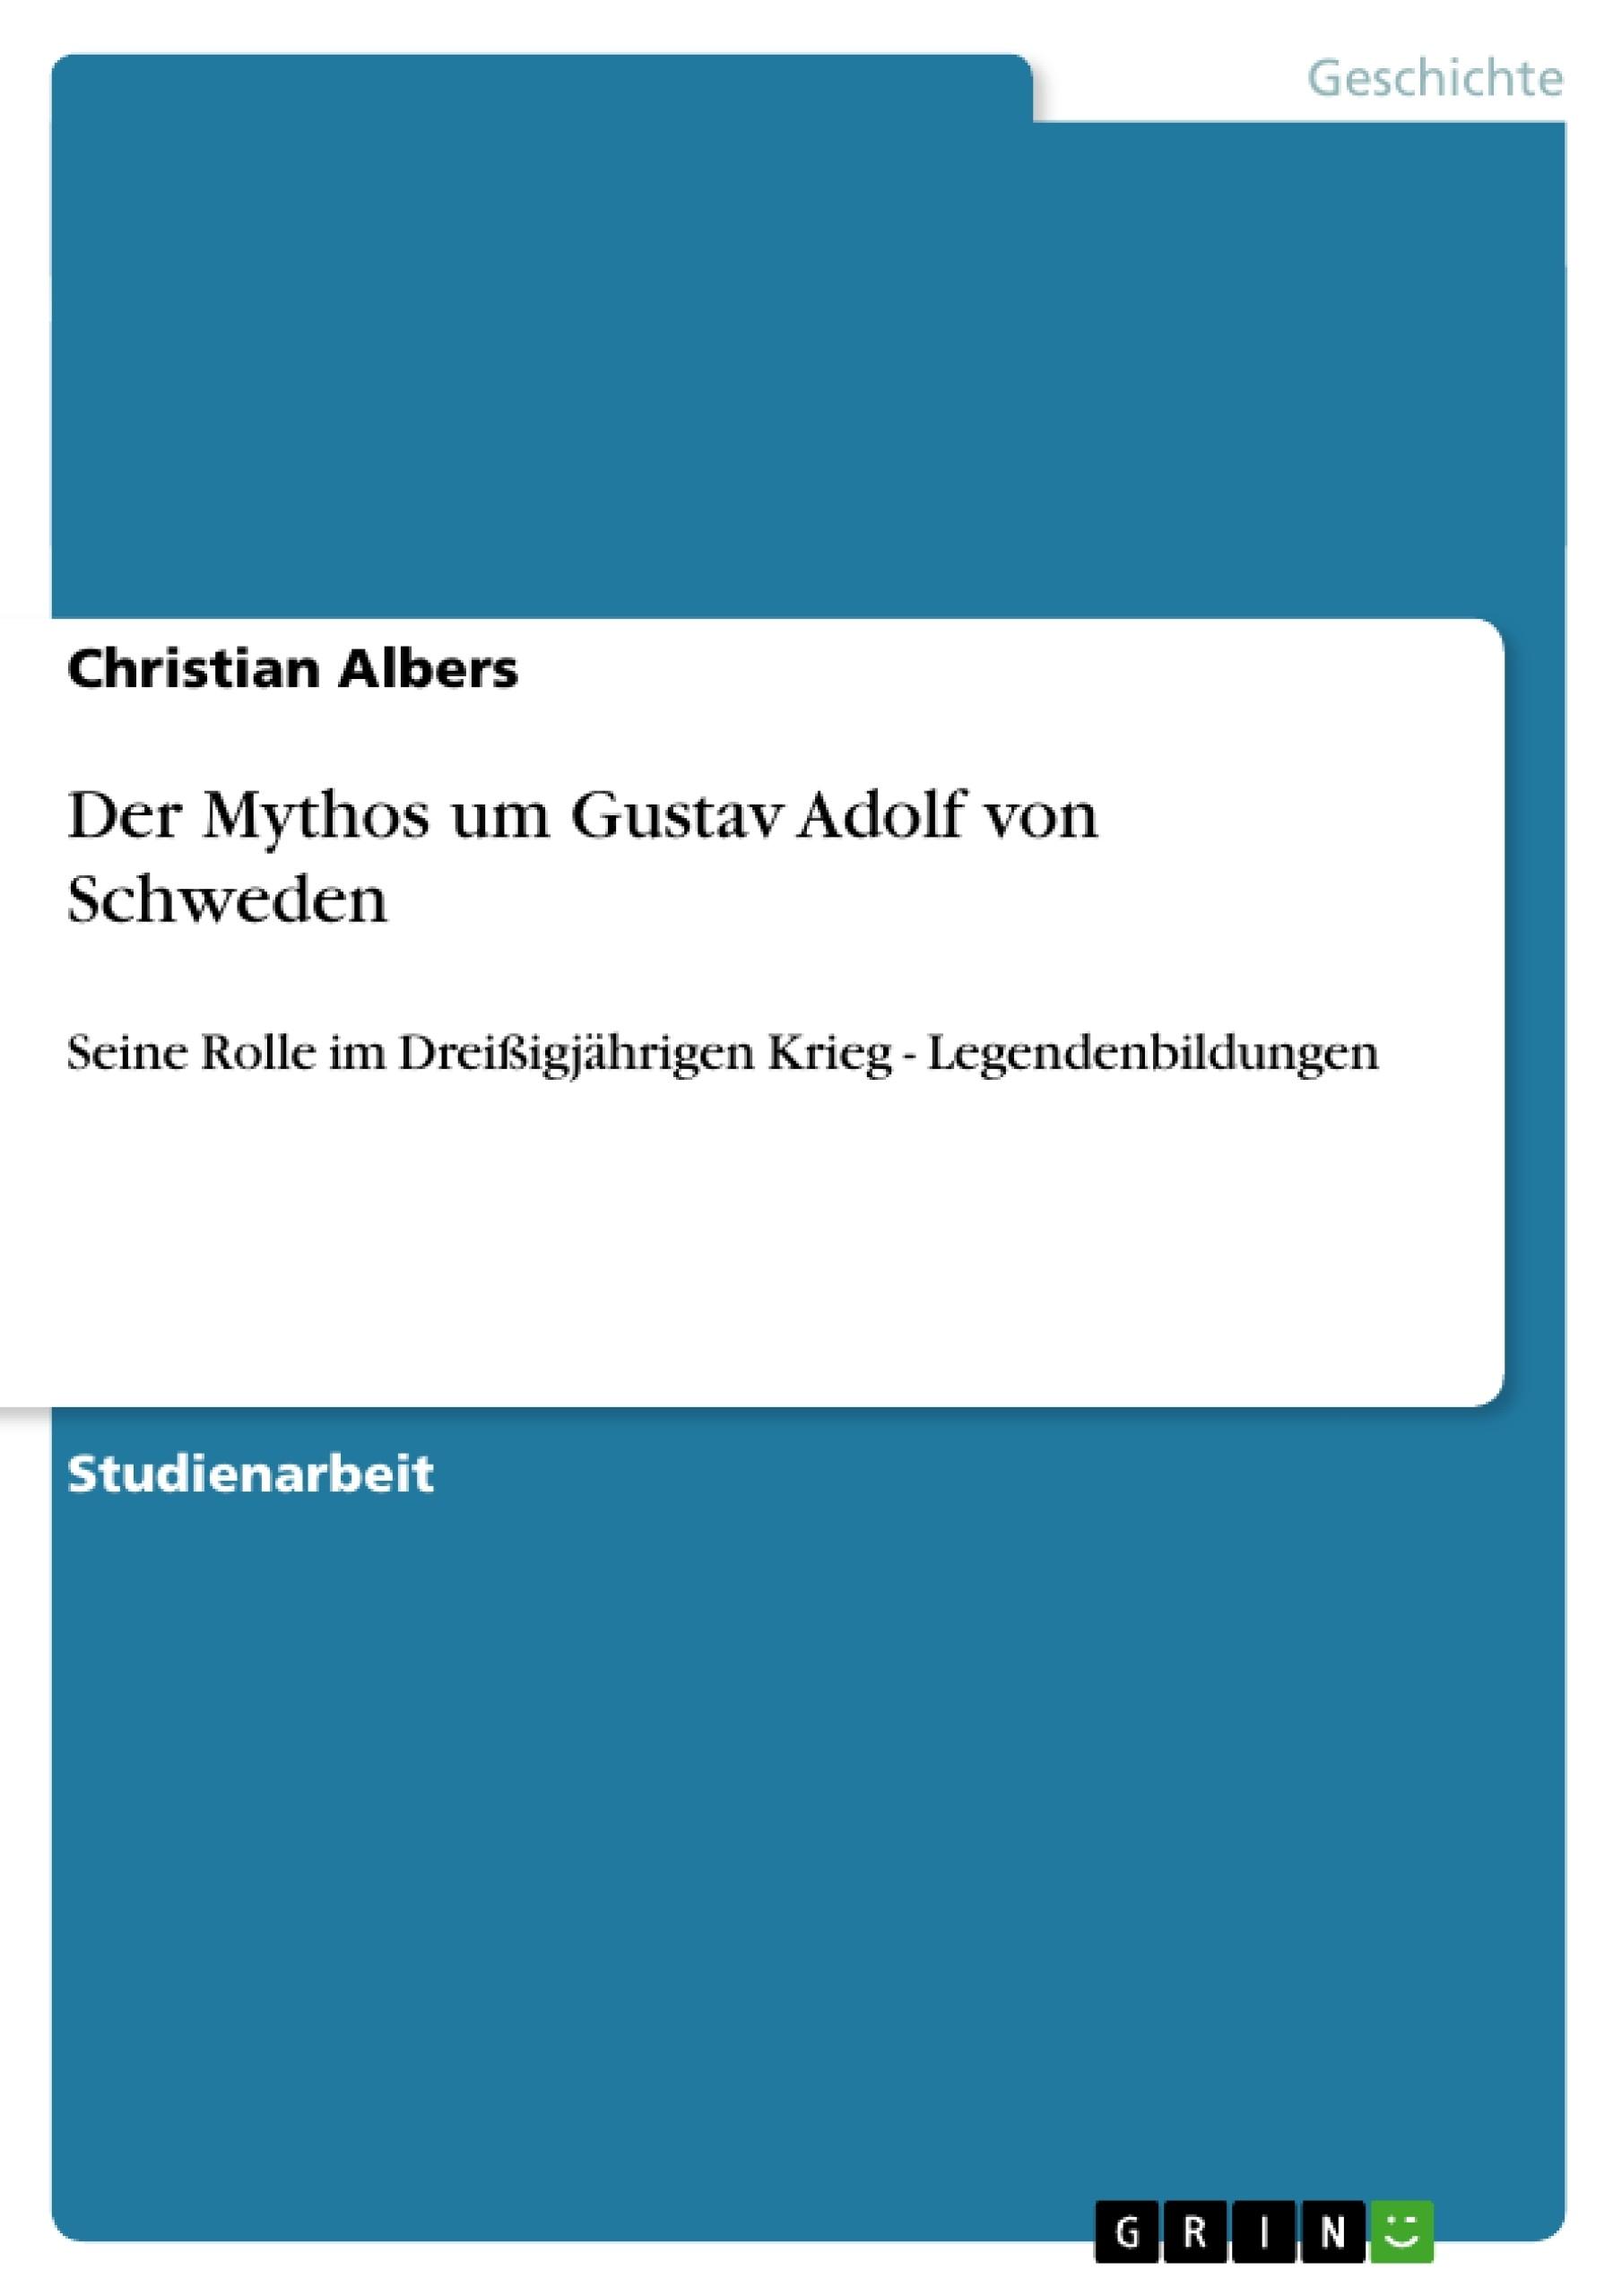 Titel: Der Mythos um Gustav Adolf von Schweden